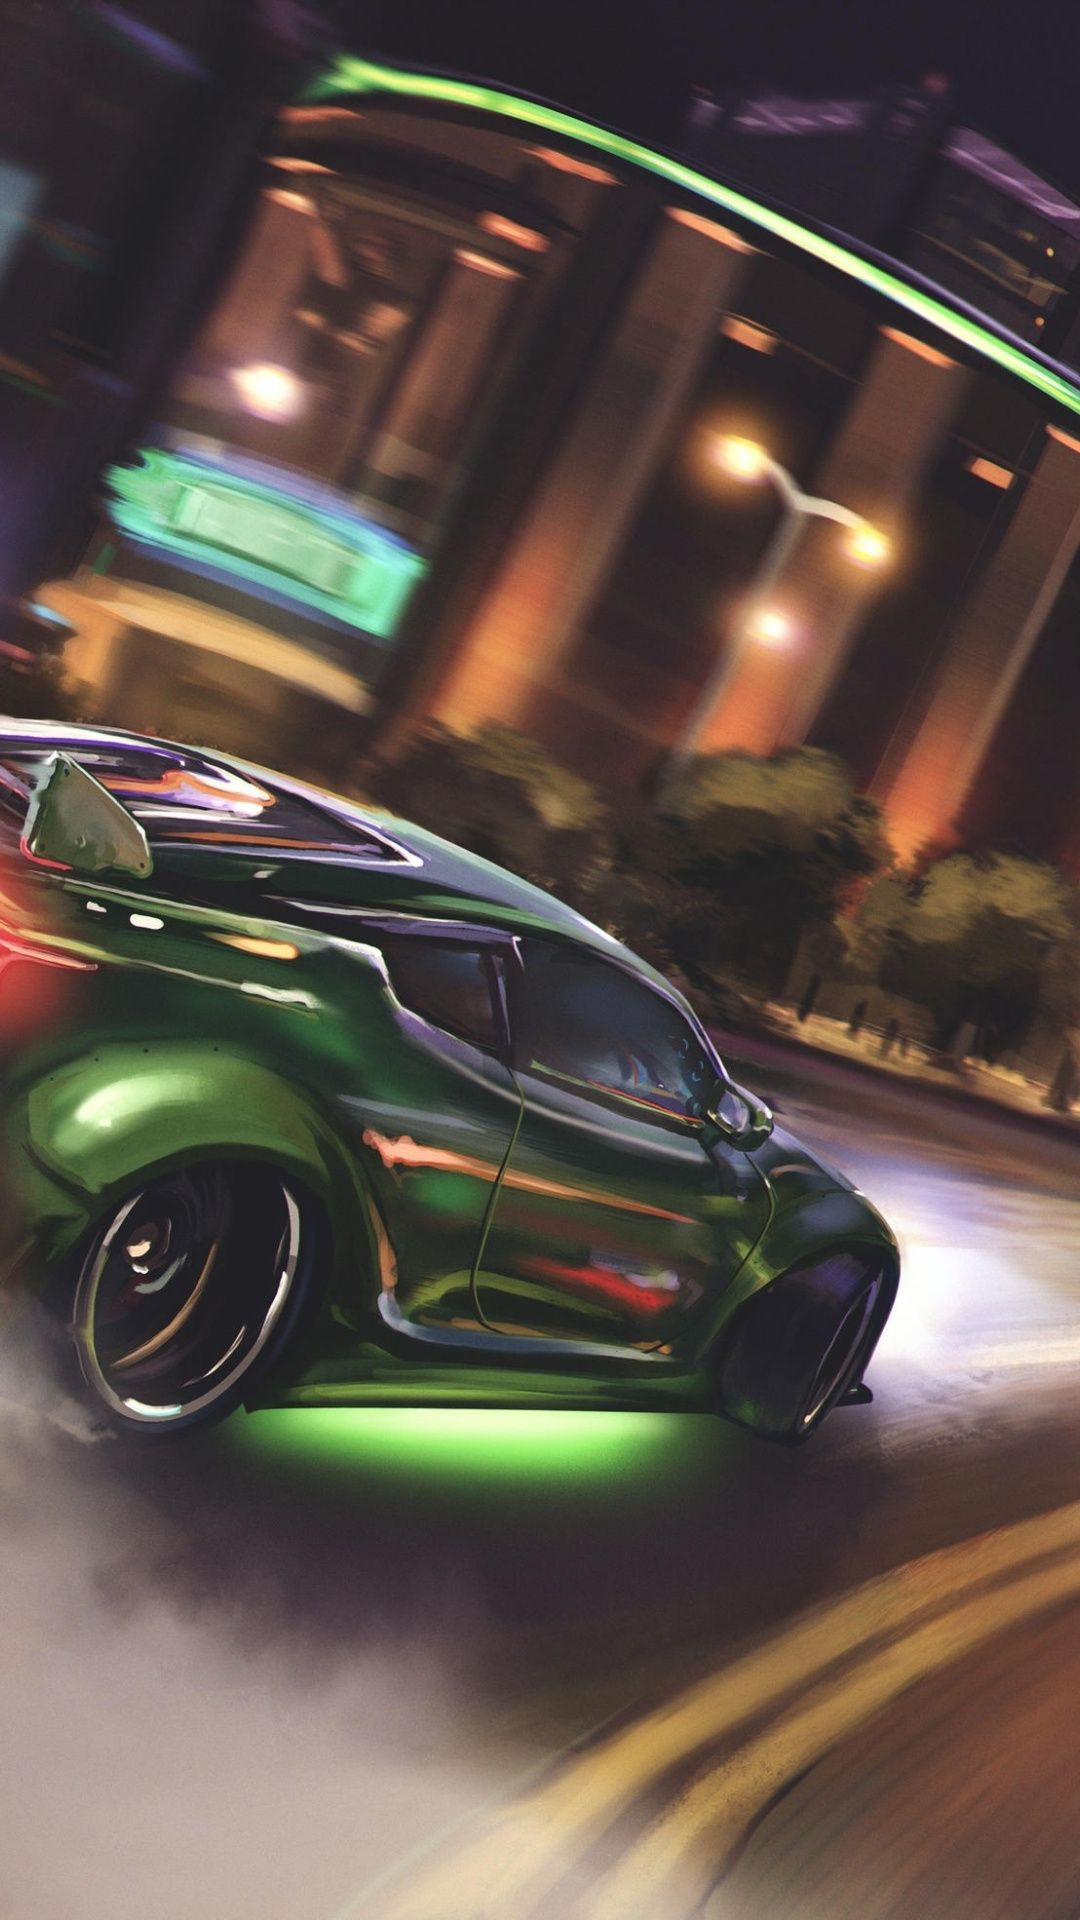 Drift Green Sports Car 1080x1920 Wallpaper Car Car Wallpapers